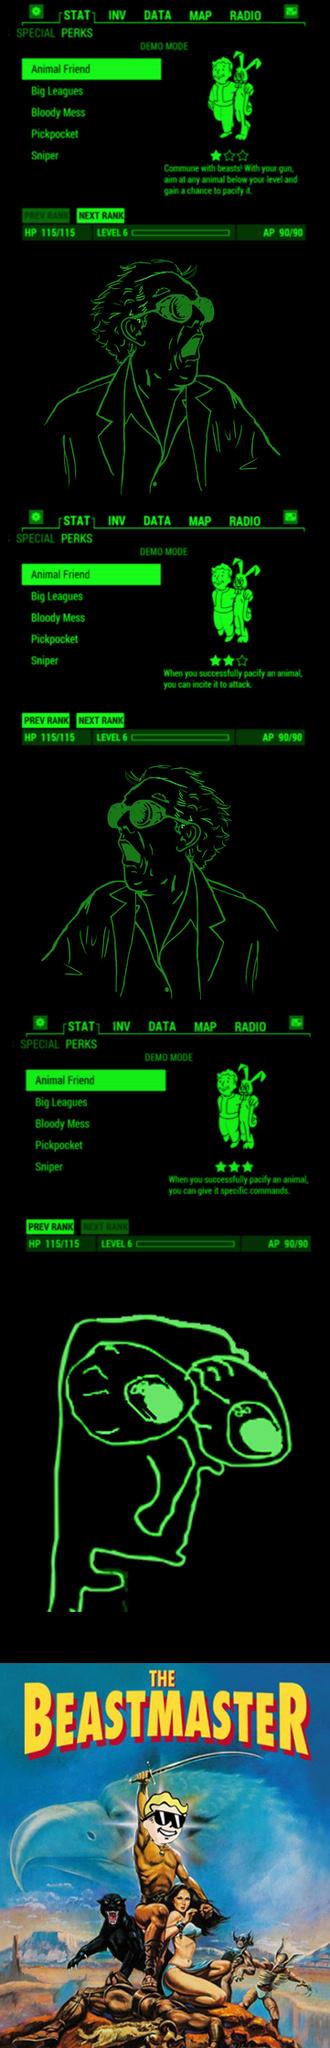 #Fallout - meme